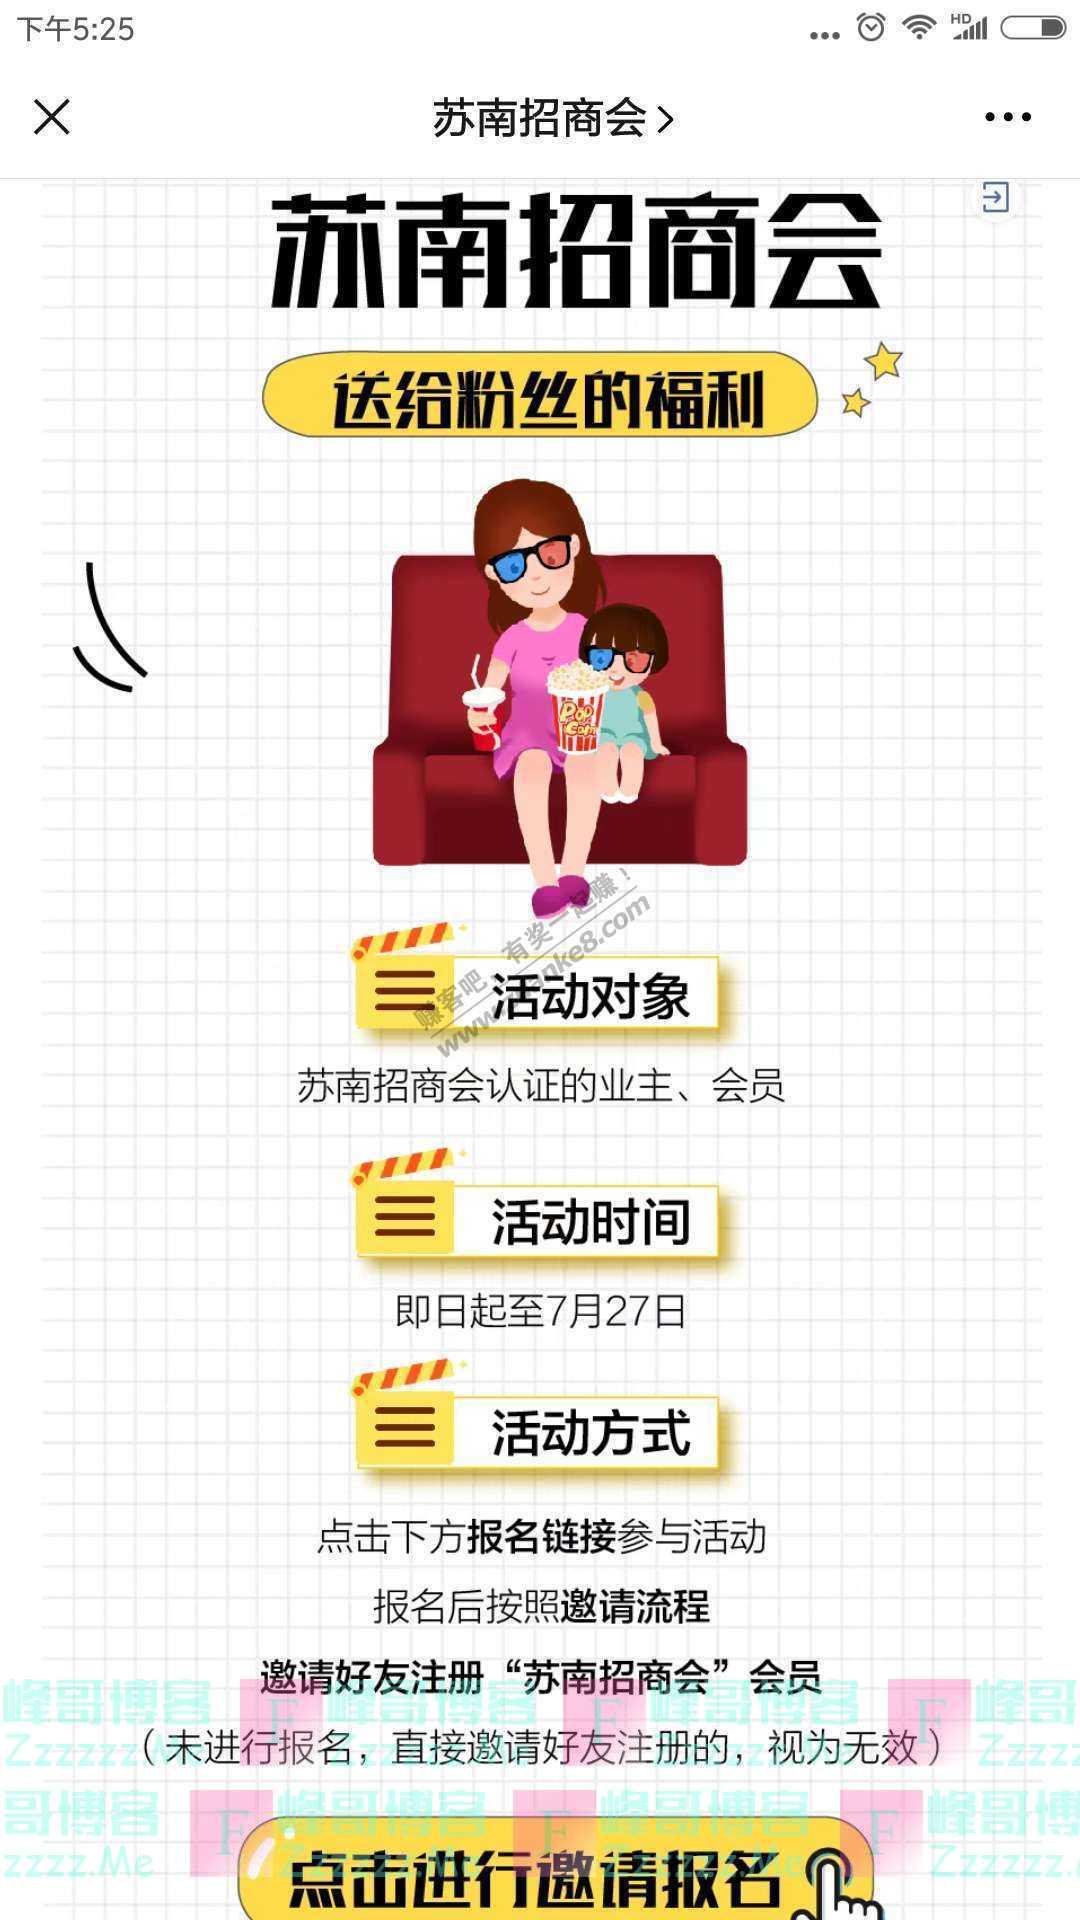 """苏南招商会福利   电影院""""重启""""~一键get专属于你的电影票(截止7月27日)"""